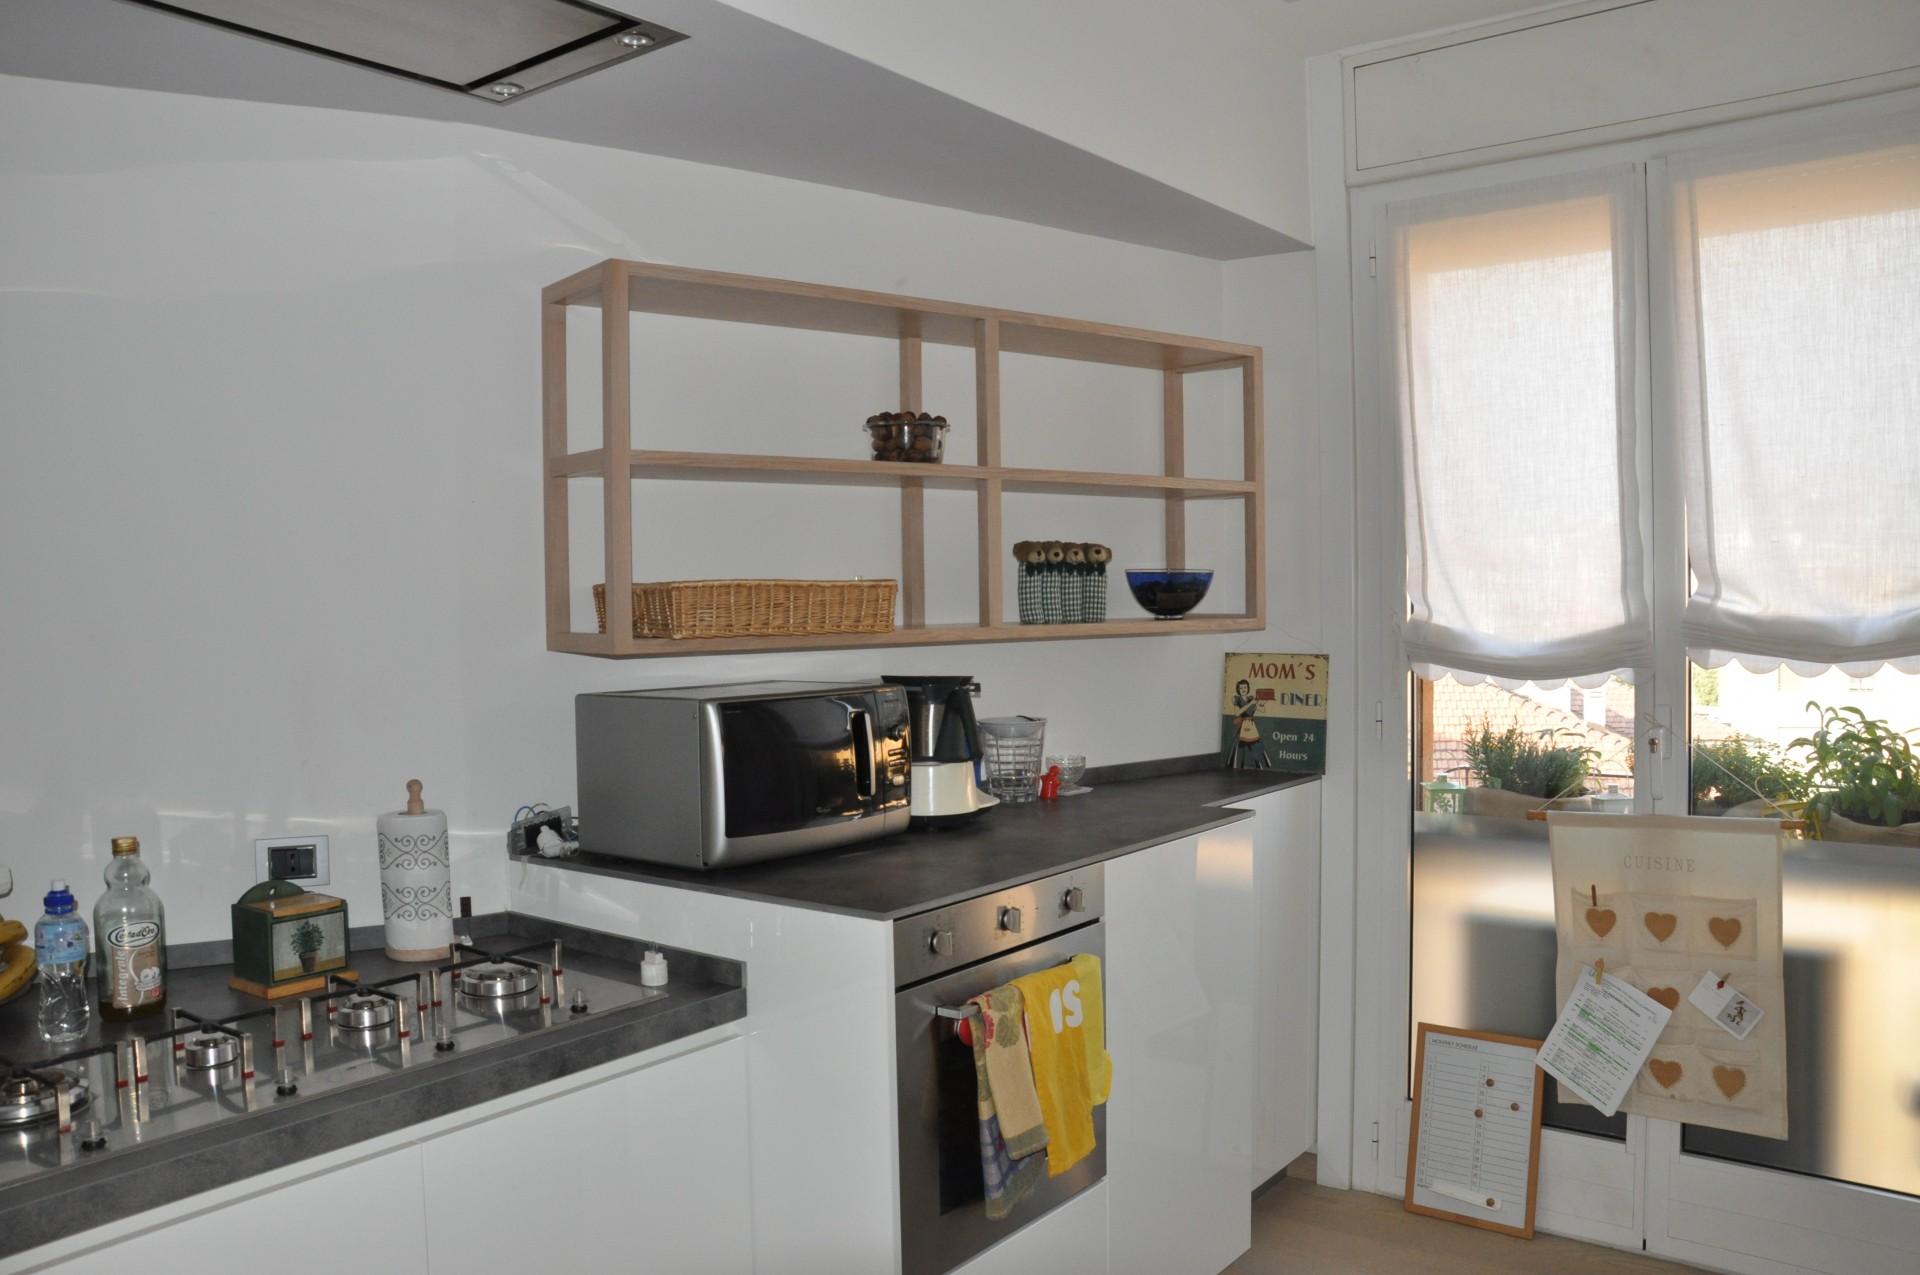 Cucina costruita in legno di rovere su misura fadini - Verniciare ante cucina legno ...